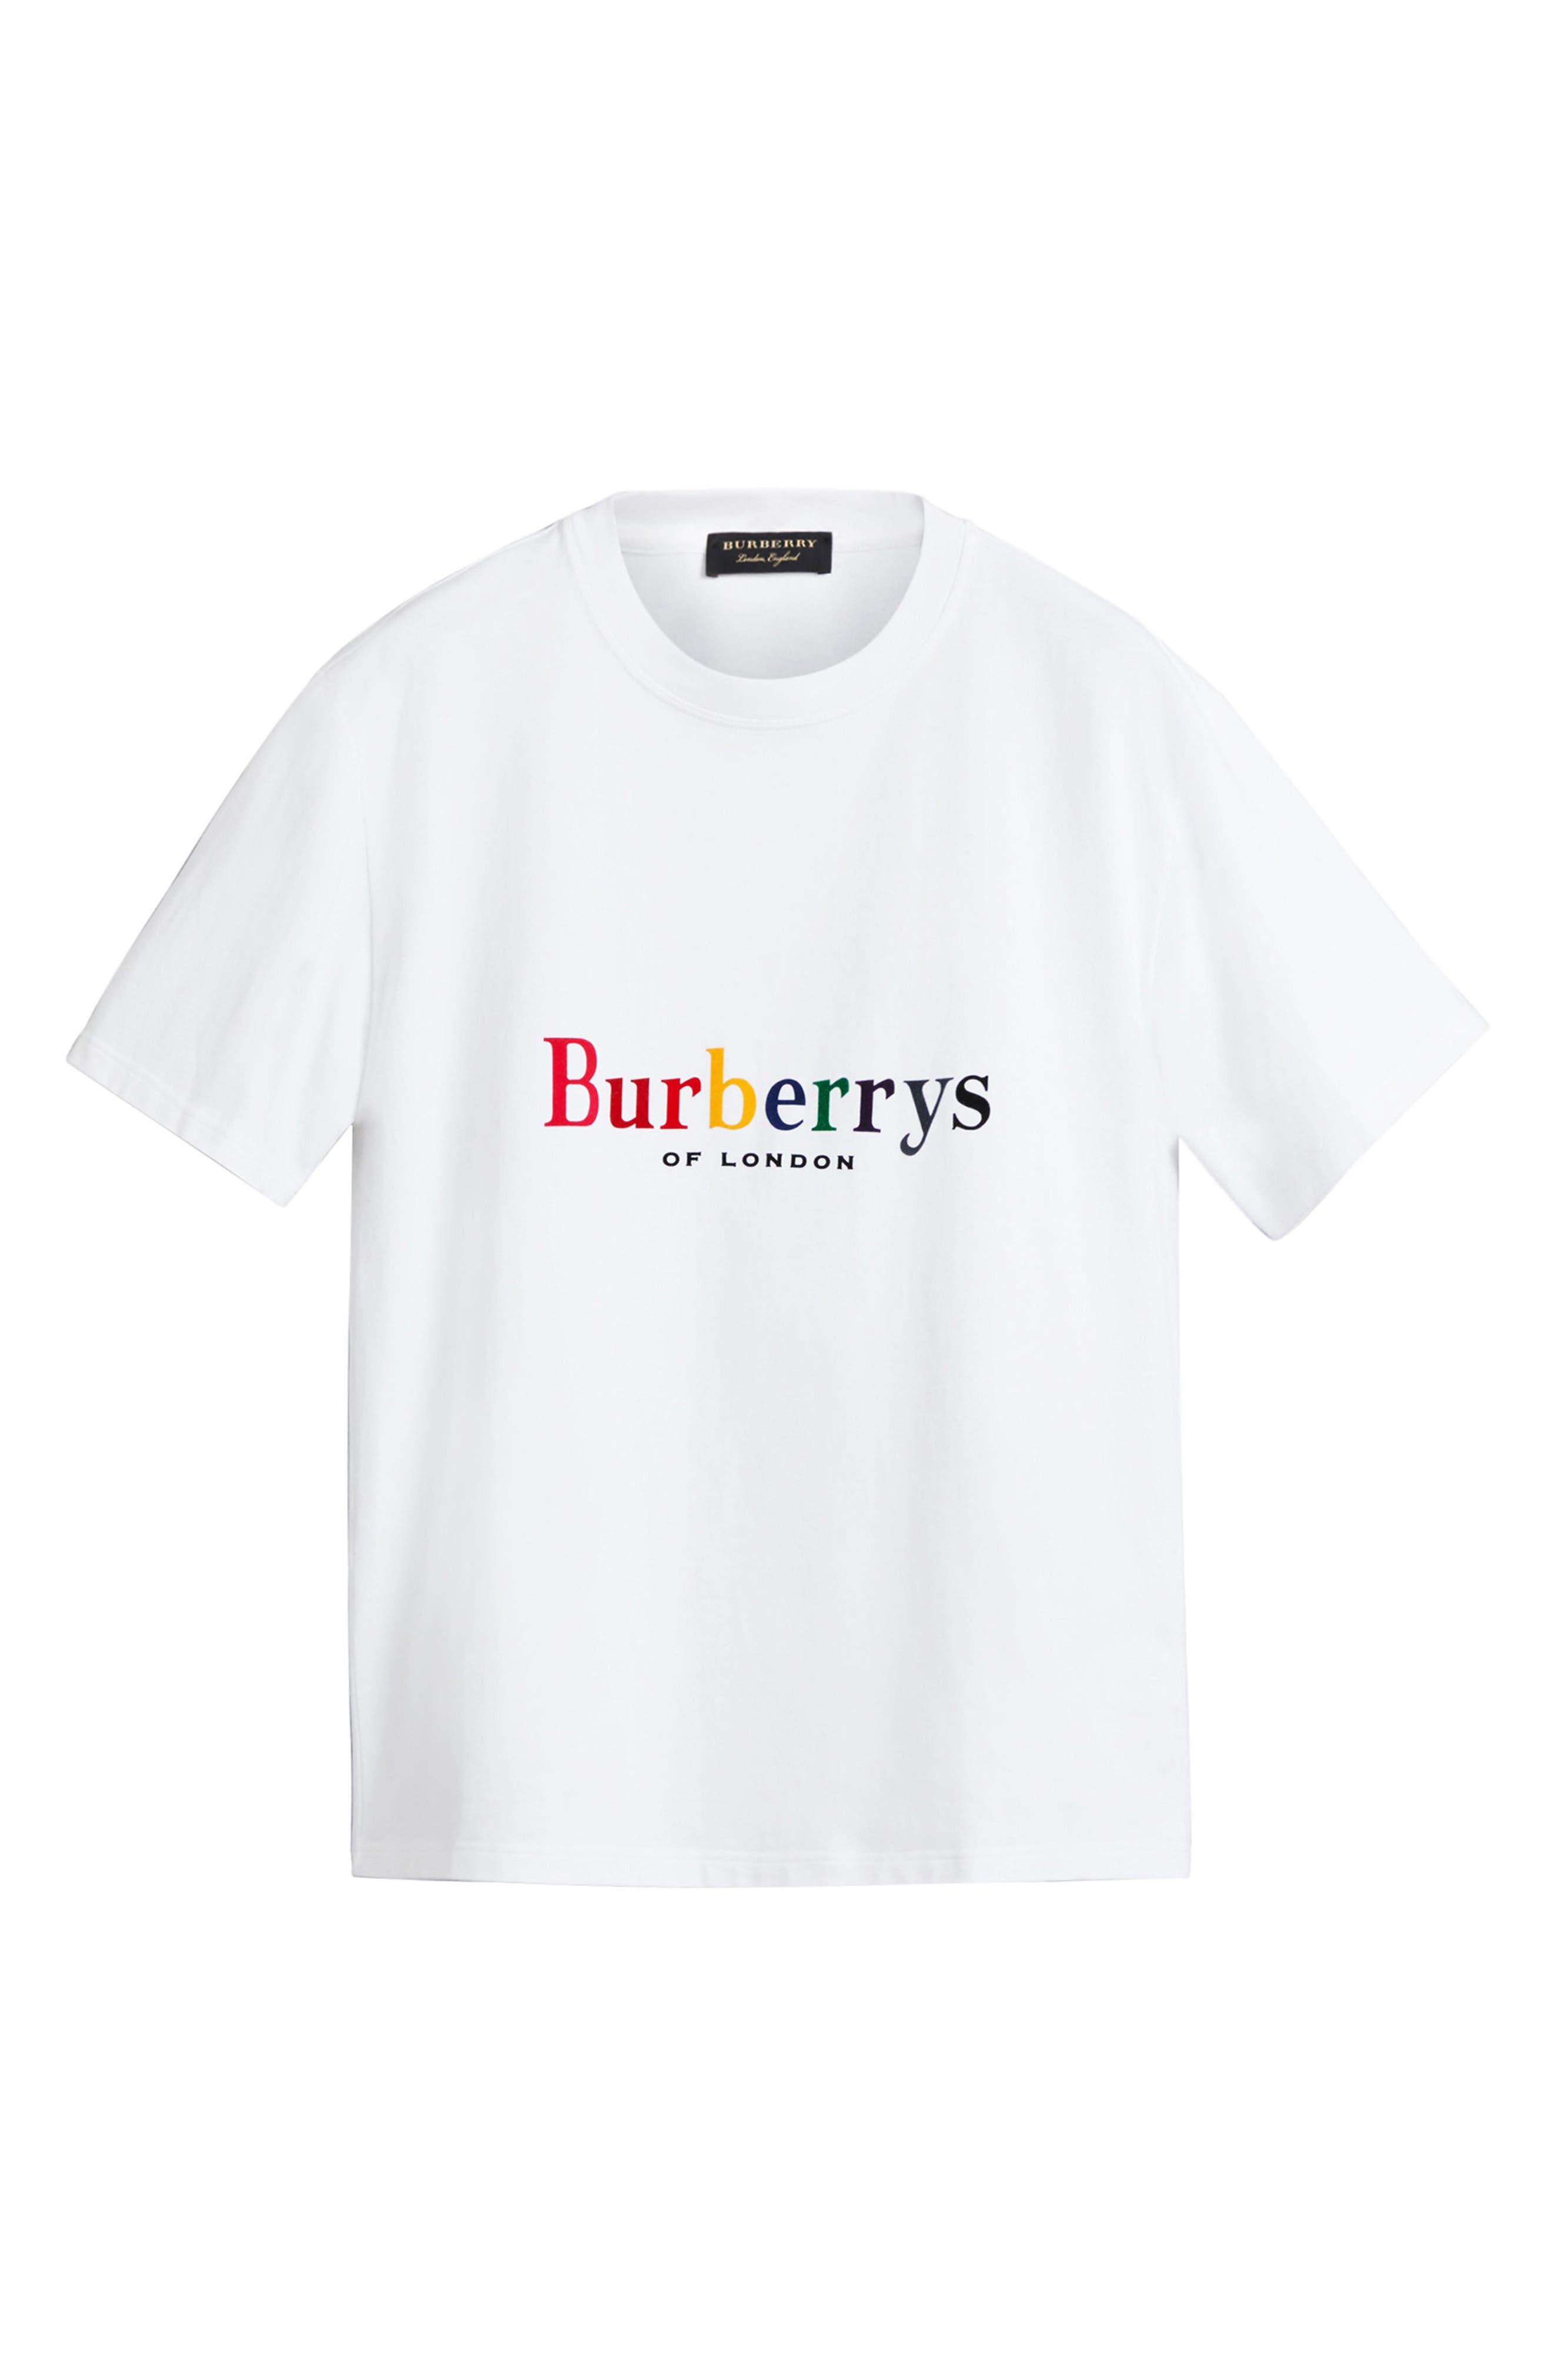 BURBERRY,                             Rainbow Logo Tee,                             Alternate thumbnail 4, color,                             100